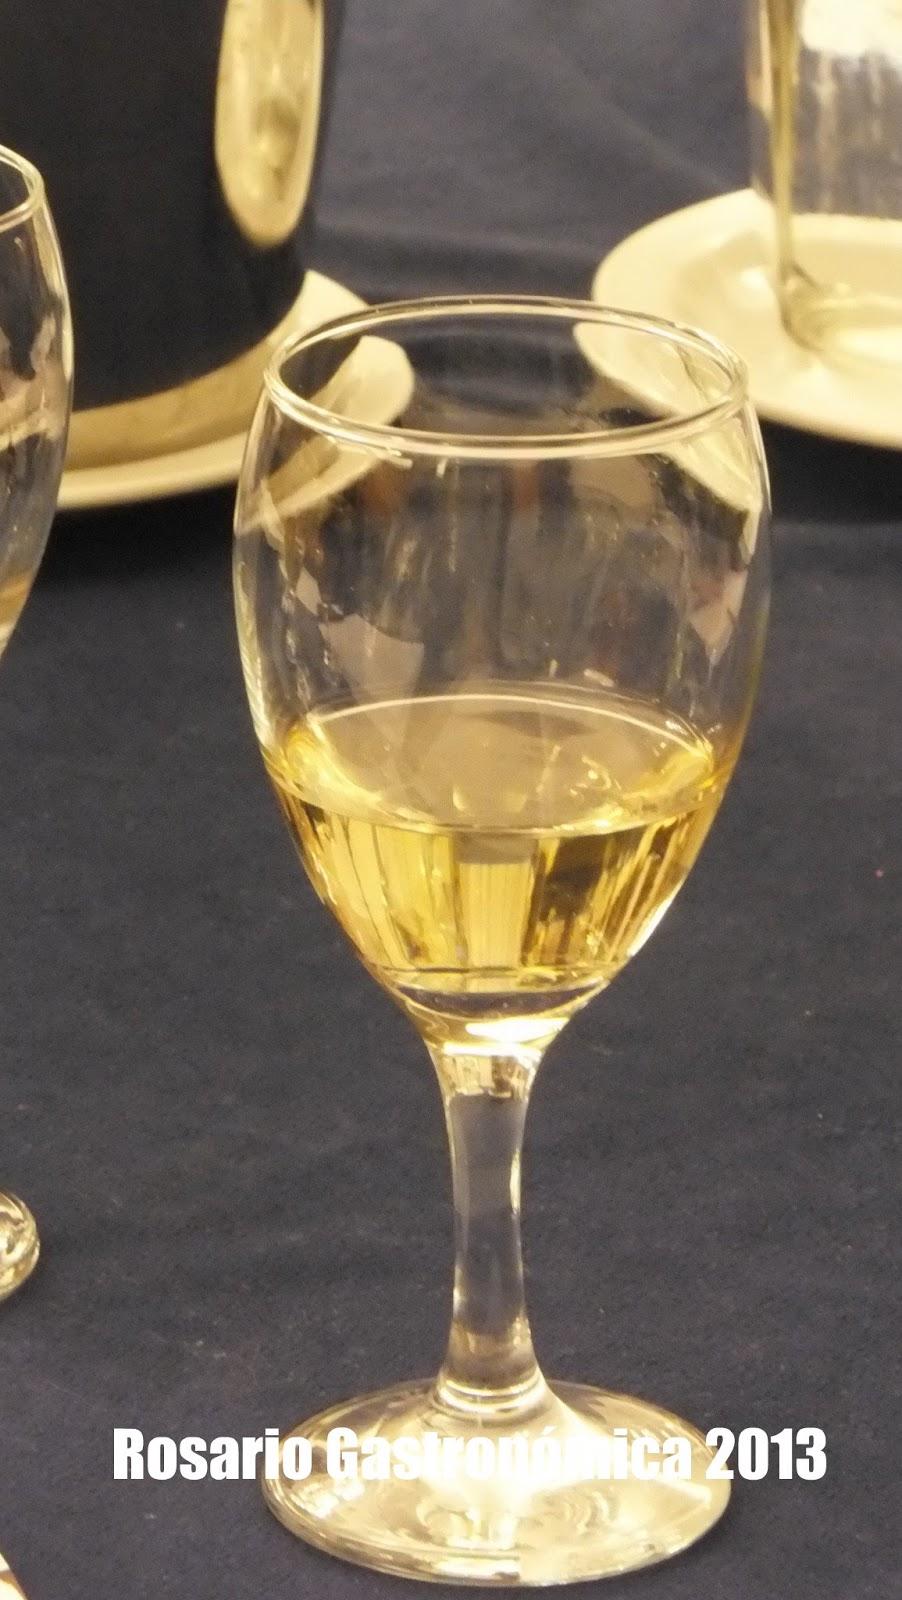 Cata de vinos de la Semana de la Gastronomía, Elisa N, Blog de Viajes, Lifestyle, Travel